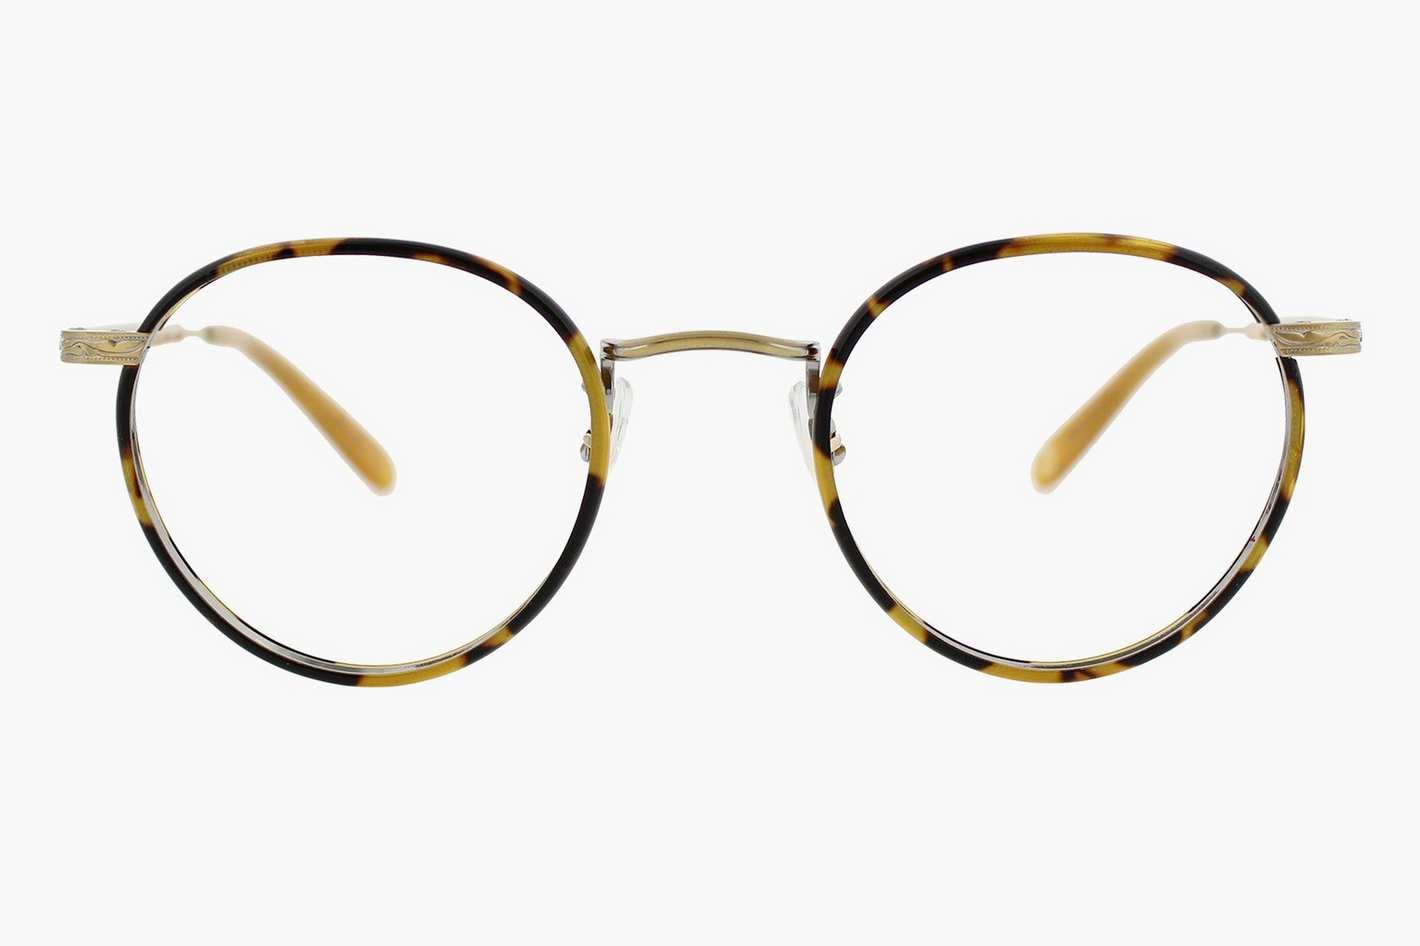 Garrett Leight Wilson Eyeglasses